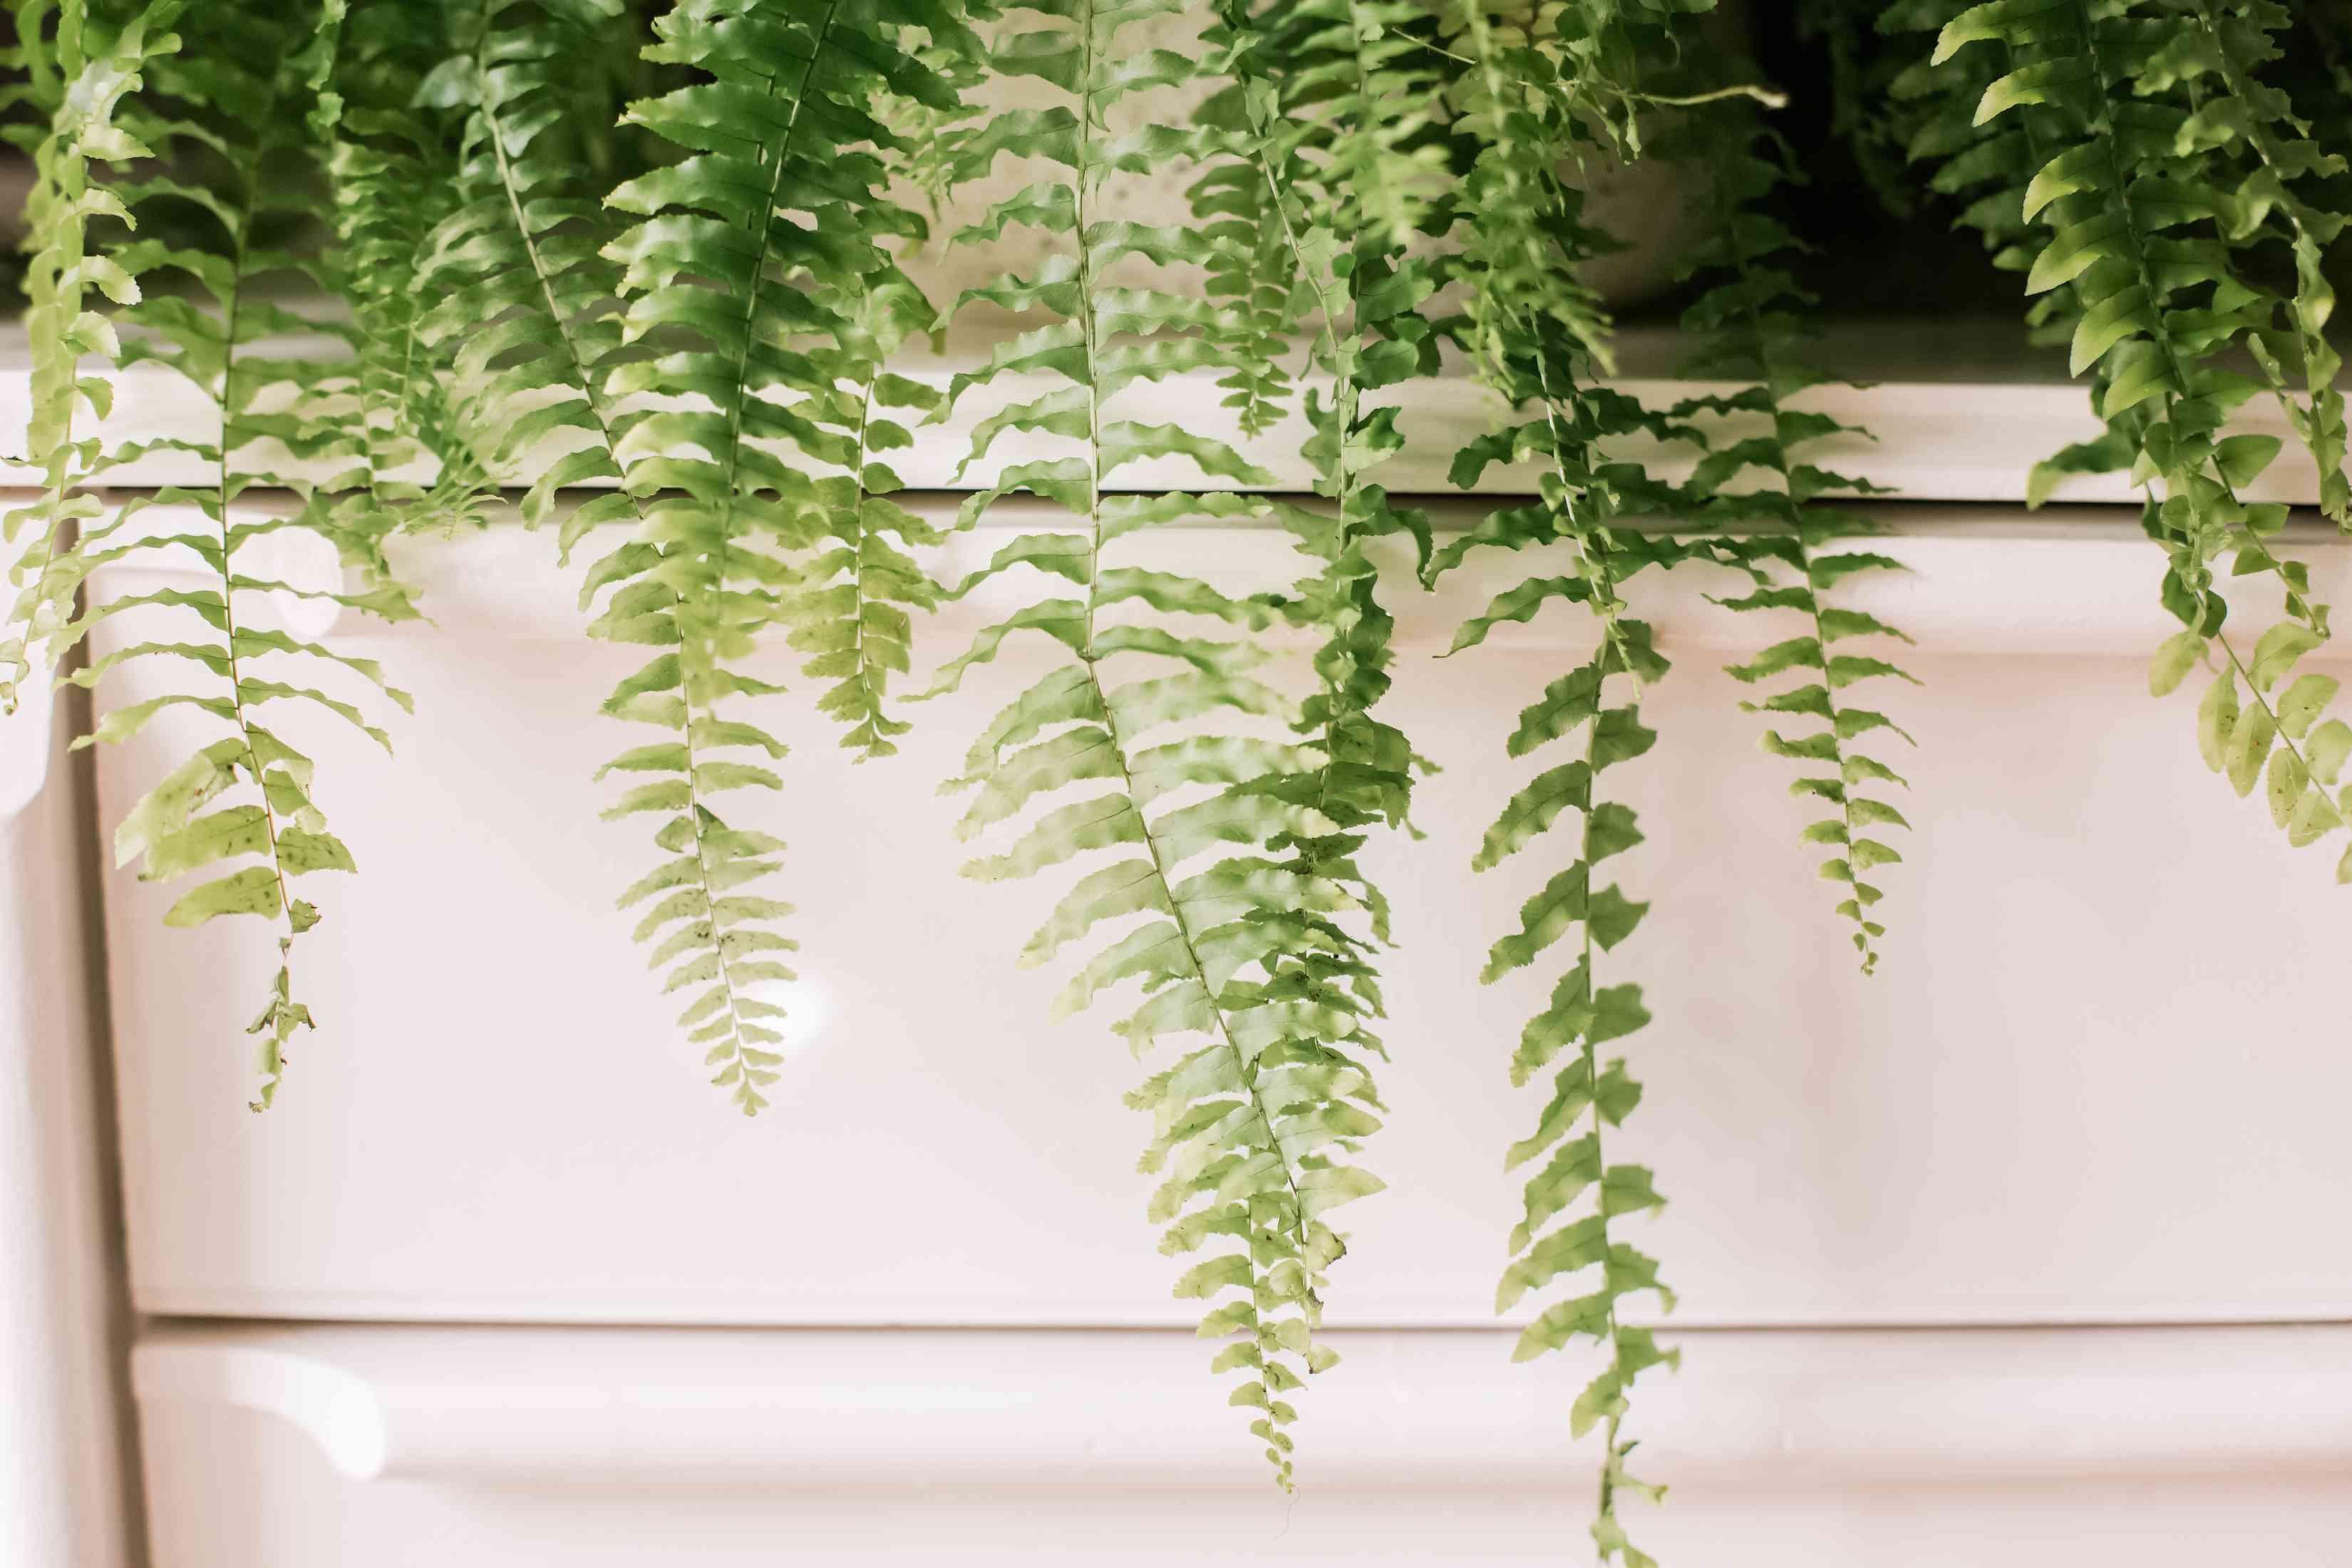 Boston fern leaf texture